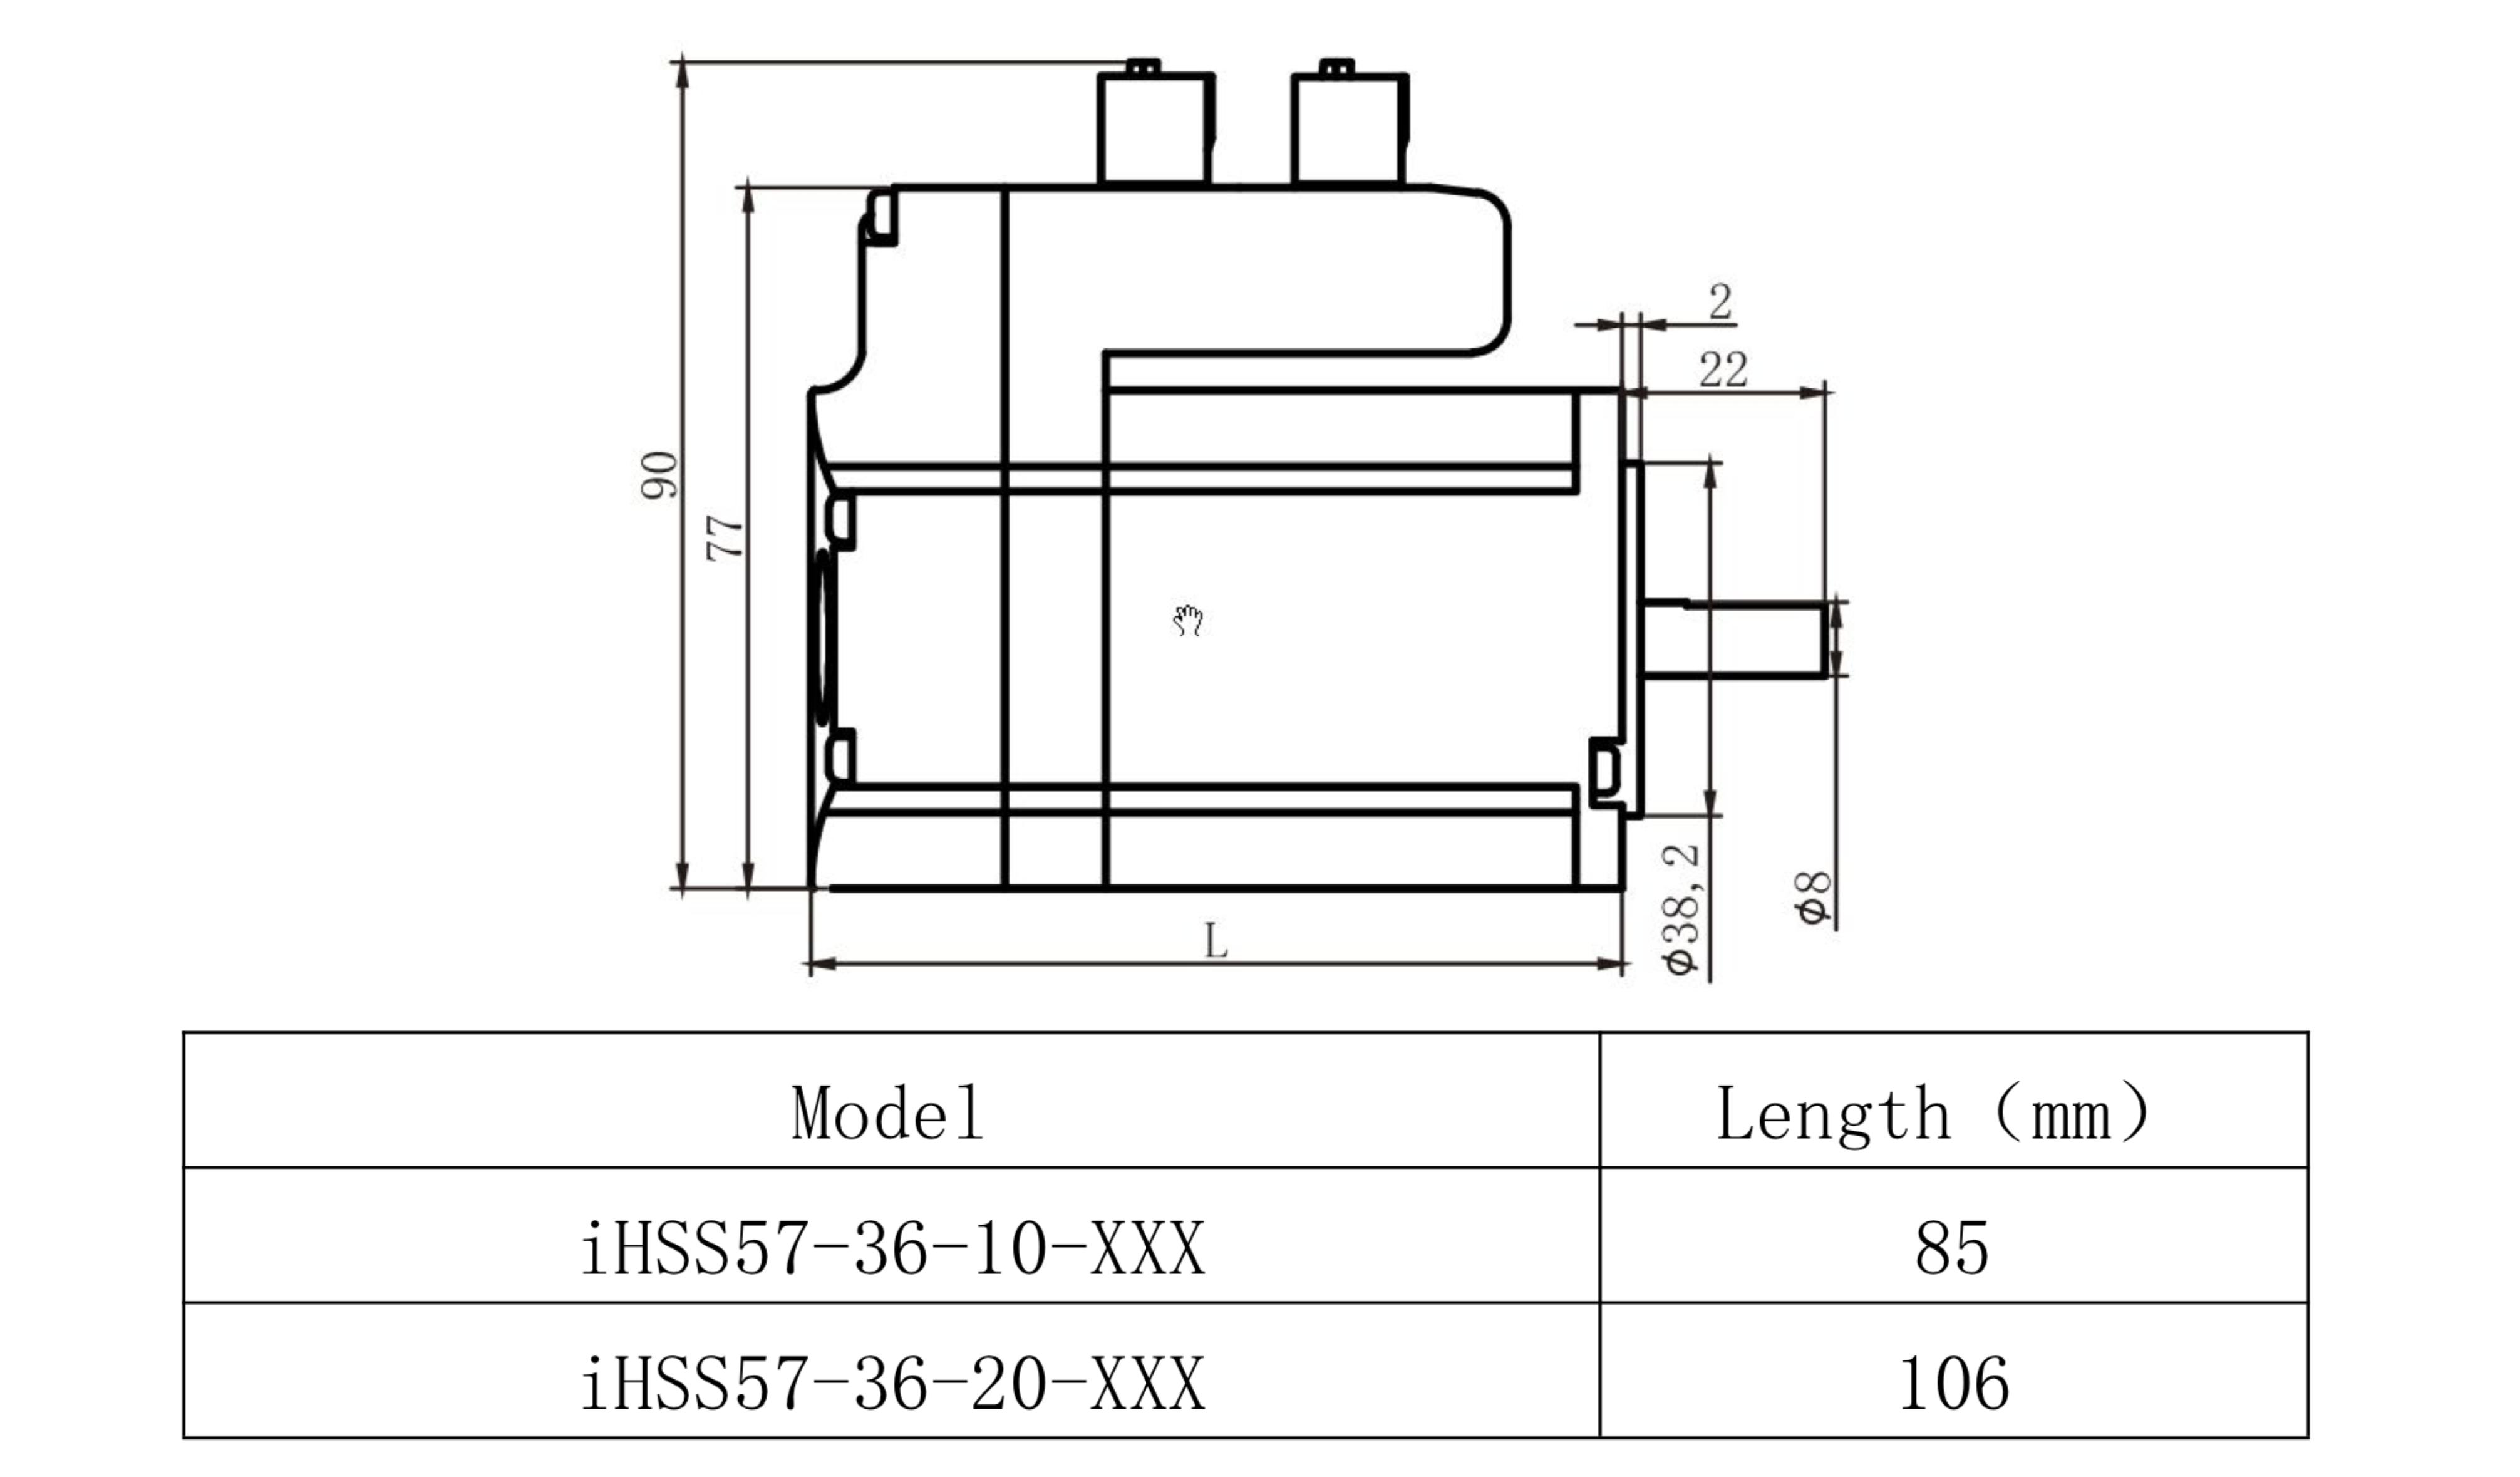 Sorotec Jmc Closed Loop Stepper 2nm Incl Driver Motor Circuit Diagram Integrated Ihss57 36 20